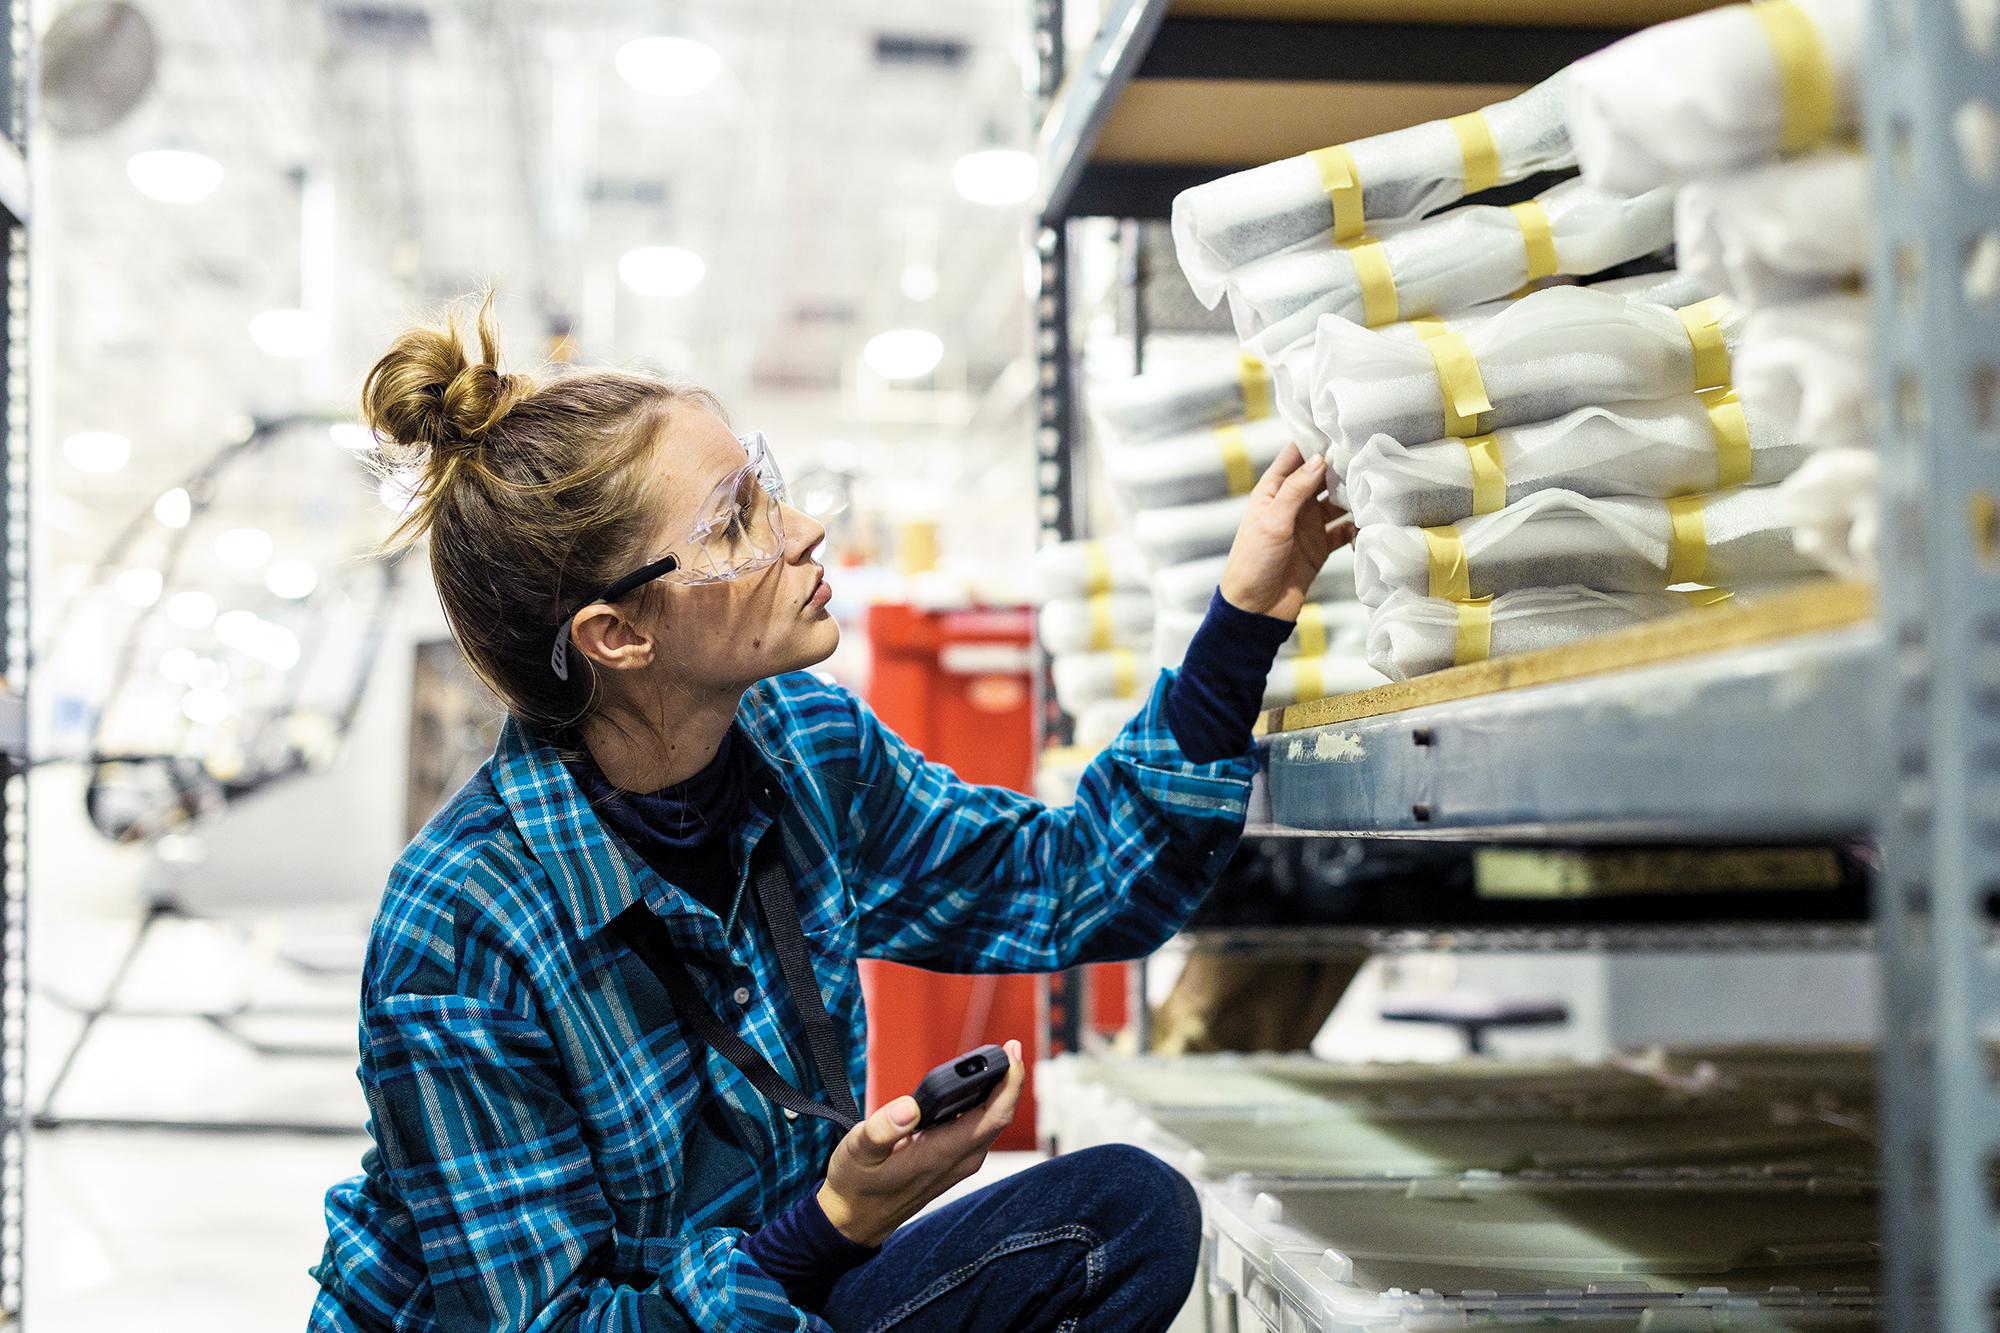 Frau mit Schutzbrille in einer Fabrik